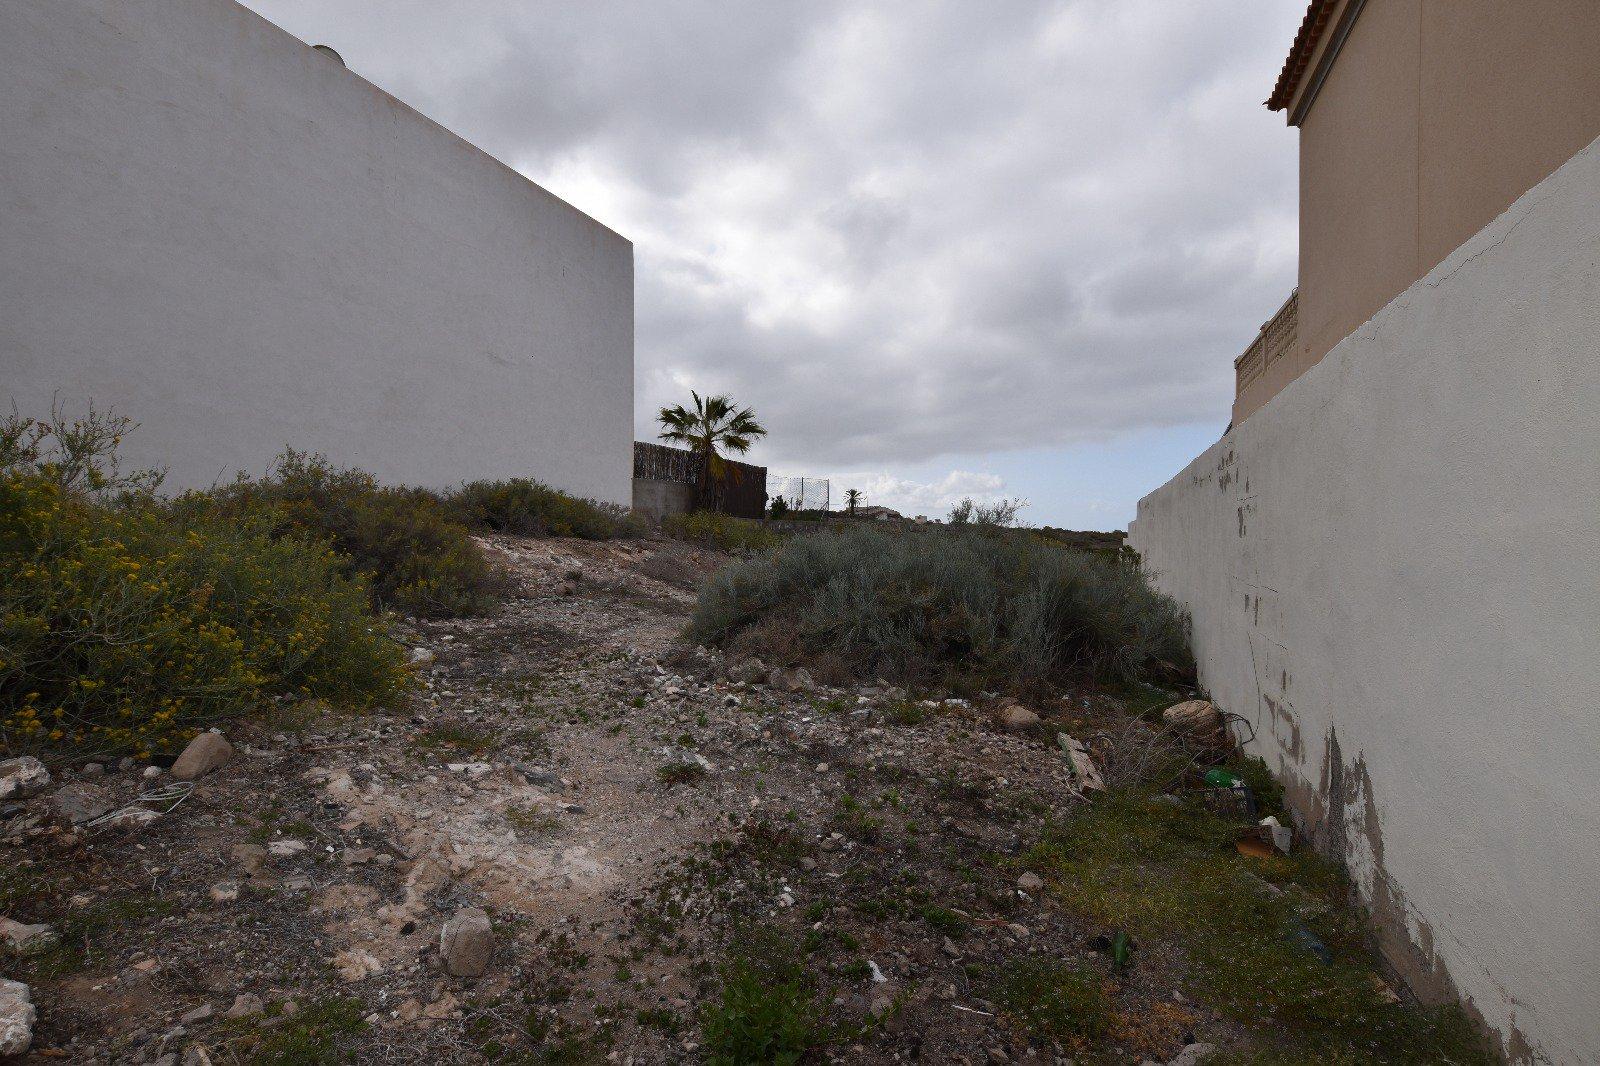 Sale of a building plot Tijoco, Adeje;